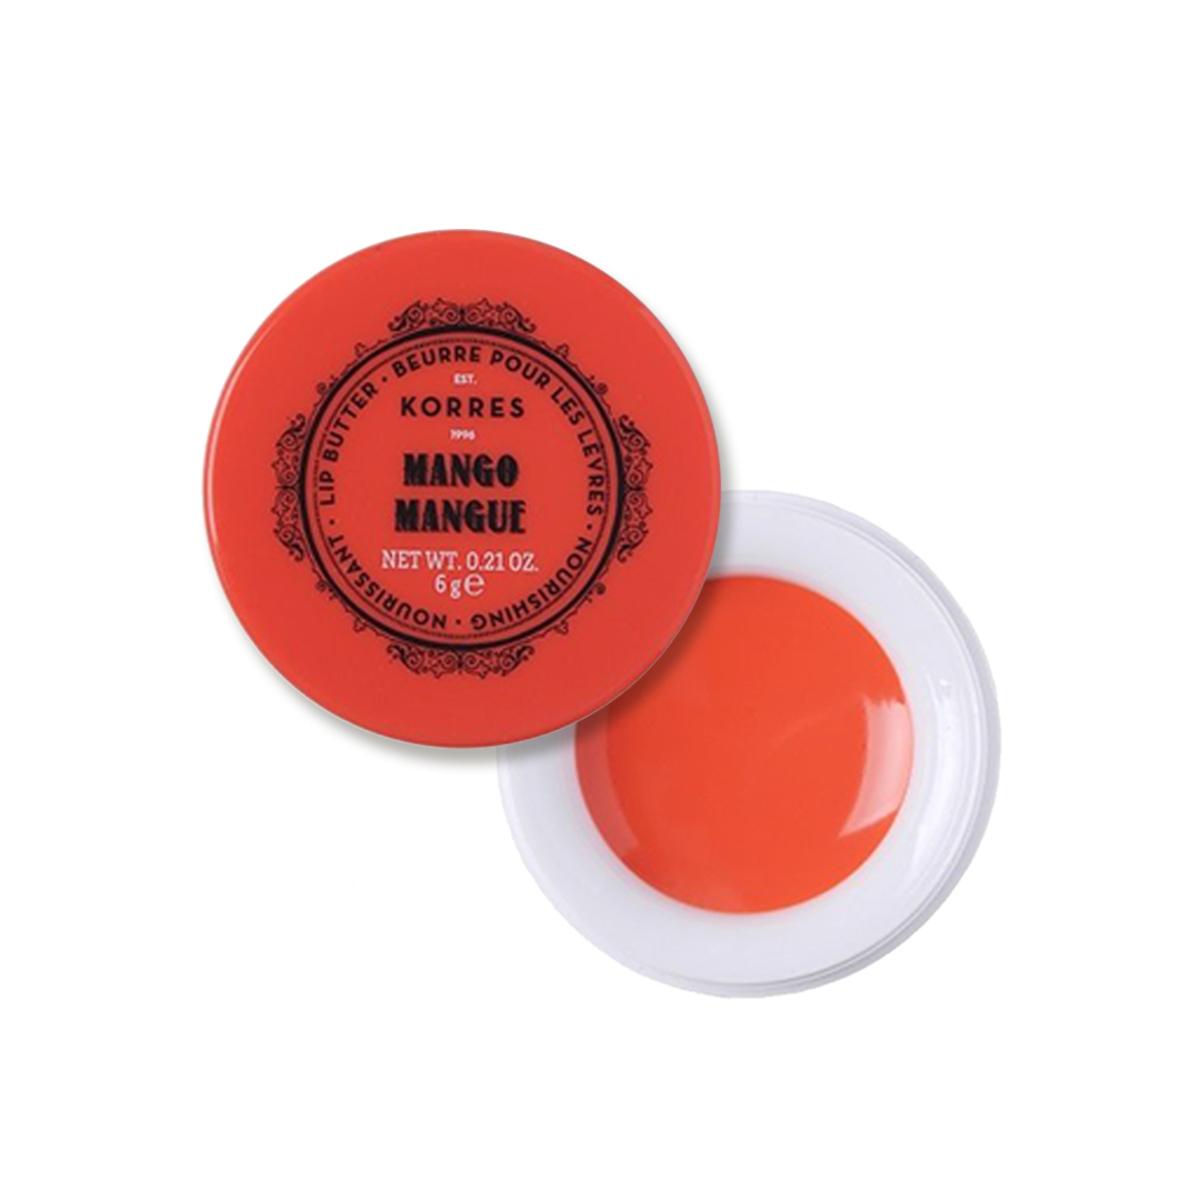 Lip Butter 6g - Mango